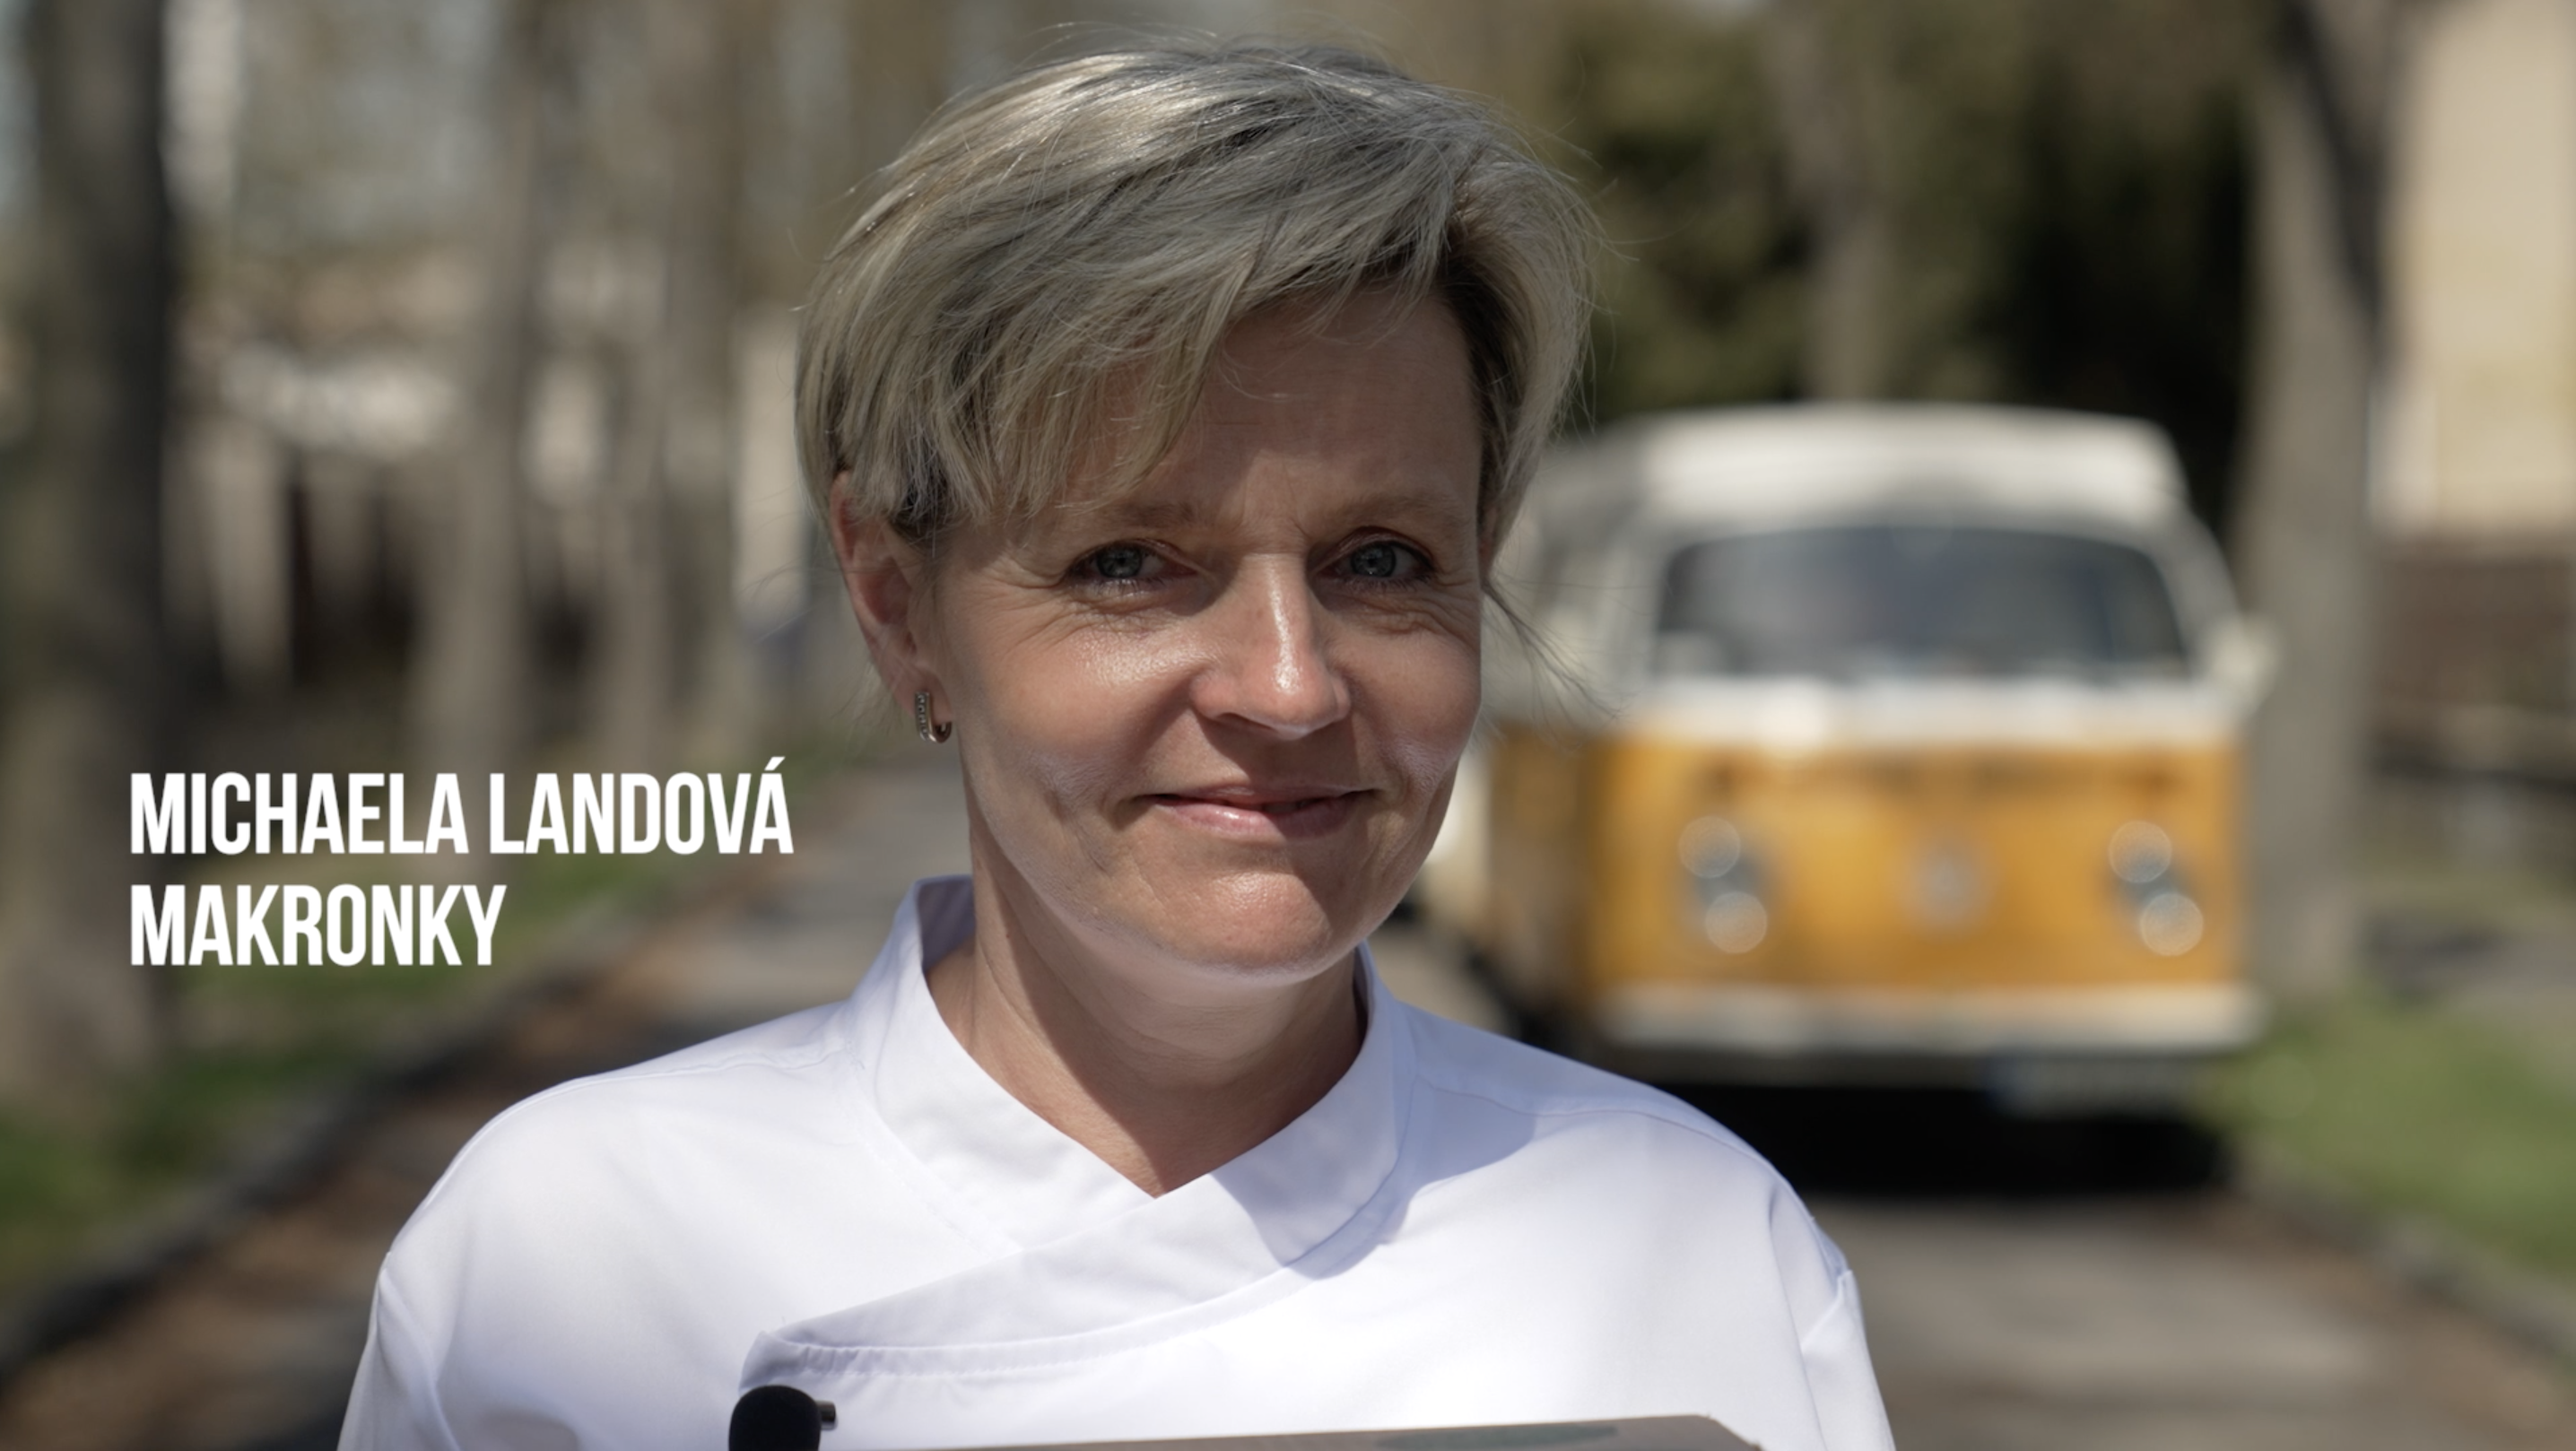 MAKRONKY - DIANA COMPANY & MÍŠA LANDOVÁ - DIANA V KUCHYNI